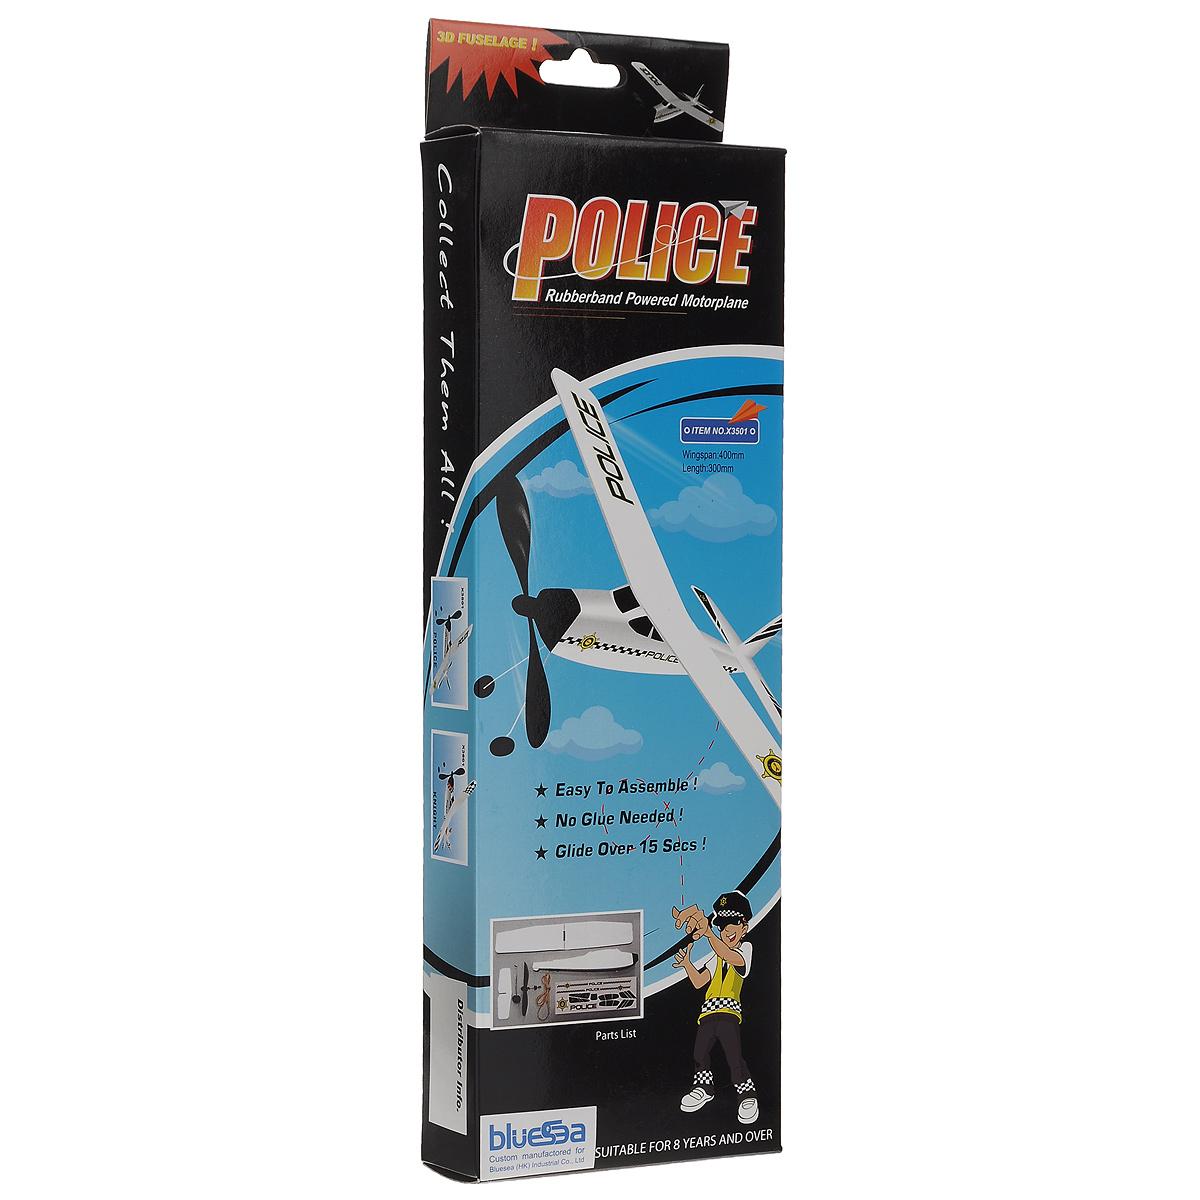 Bluesea Резиномоторная модель планера Полиция